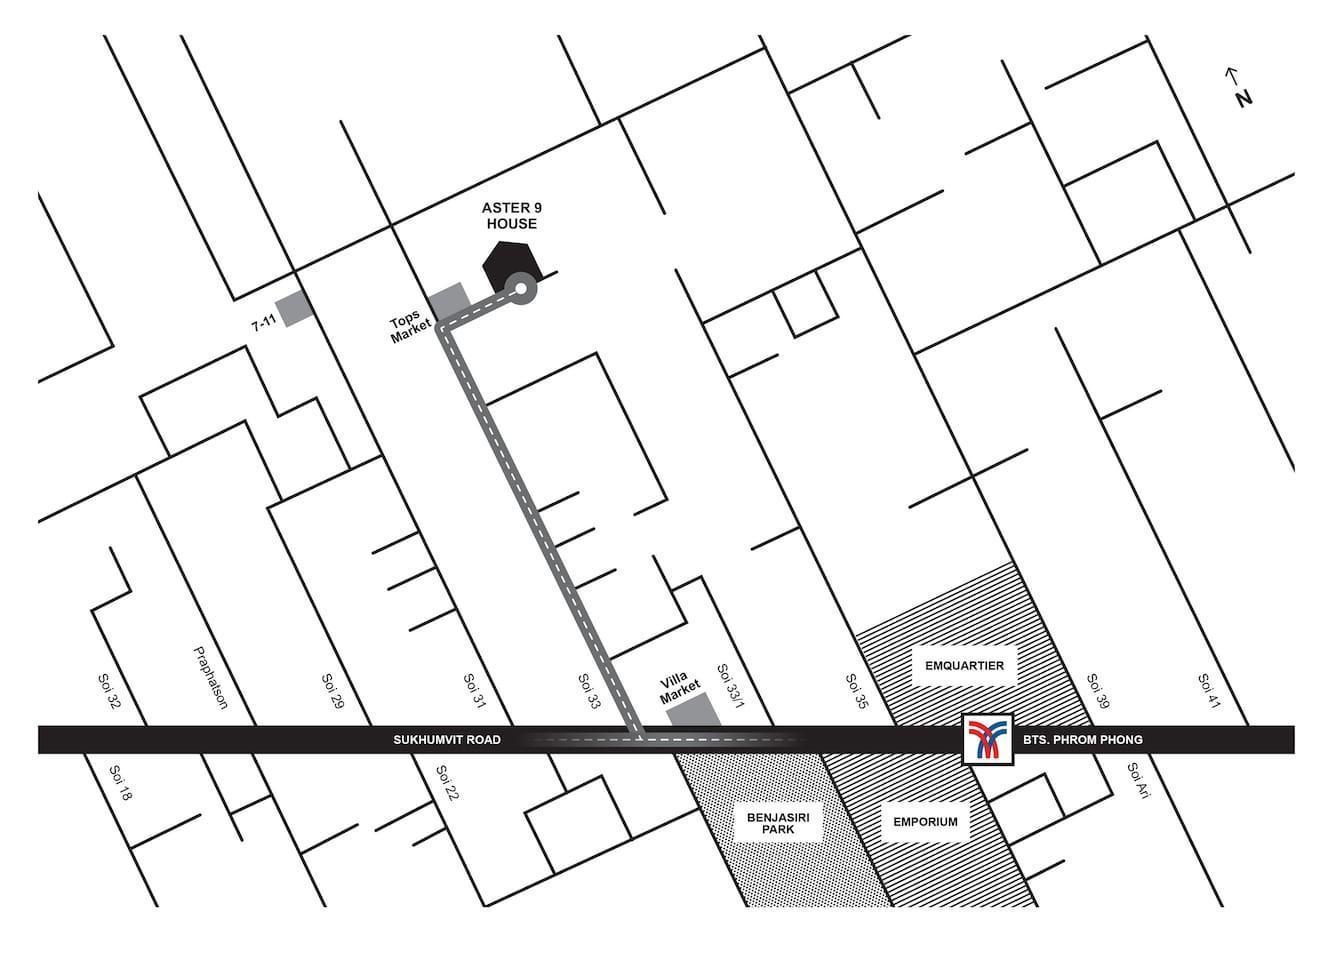 Aster 9 House, No.1, Sukhumvit 33 1 ห้องนอน 1 ห้องน้ำส่วนตัว ขนาด 50 ตร.ม. – สุขุมวิท